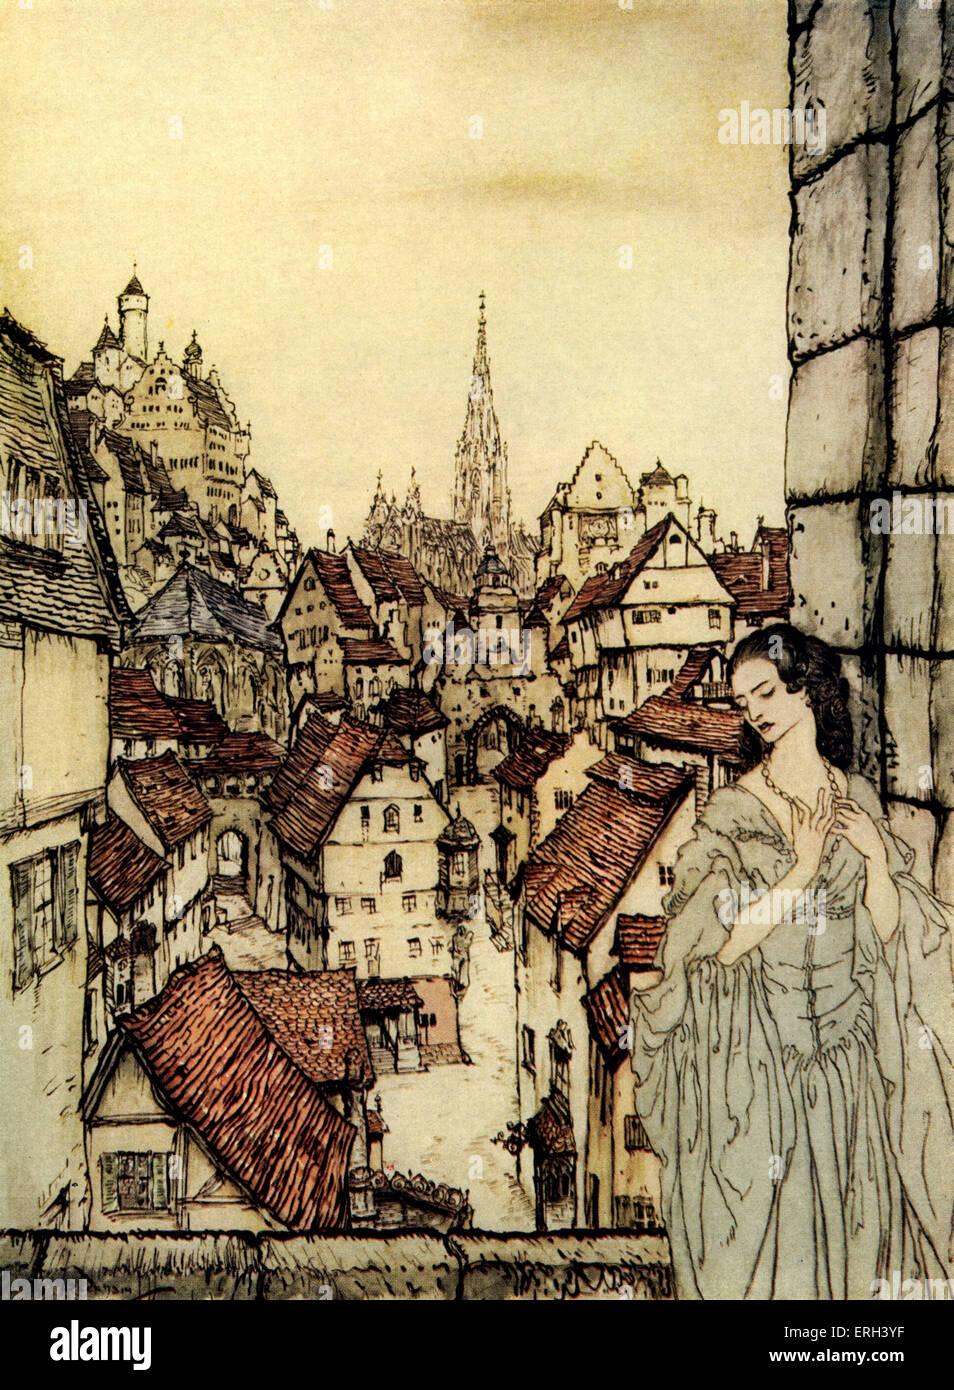 """"""""""" Ligeia di Edgar Allan Poe. Il romanticismo gotico tra Ligeia e narratore senza nome. Il loro primo Immagini Stock"""